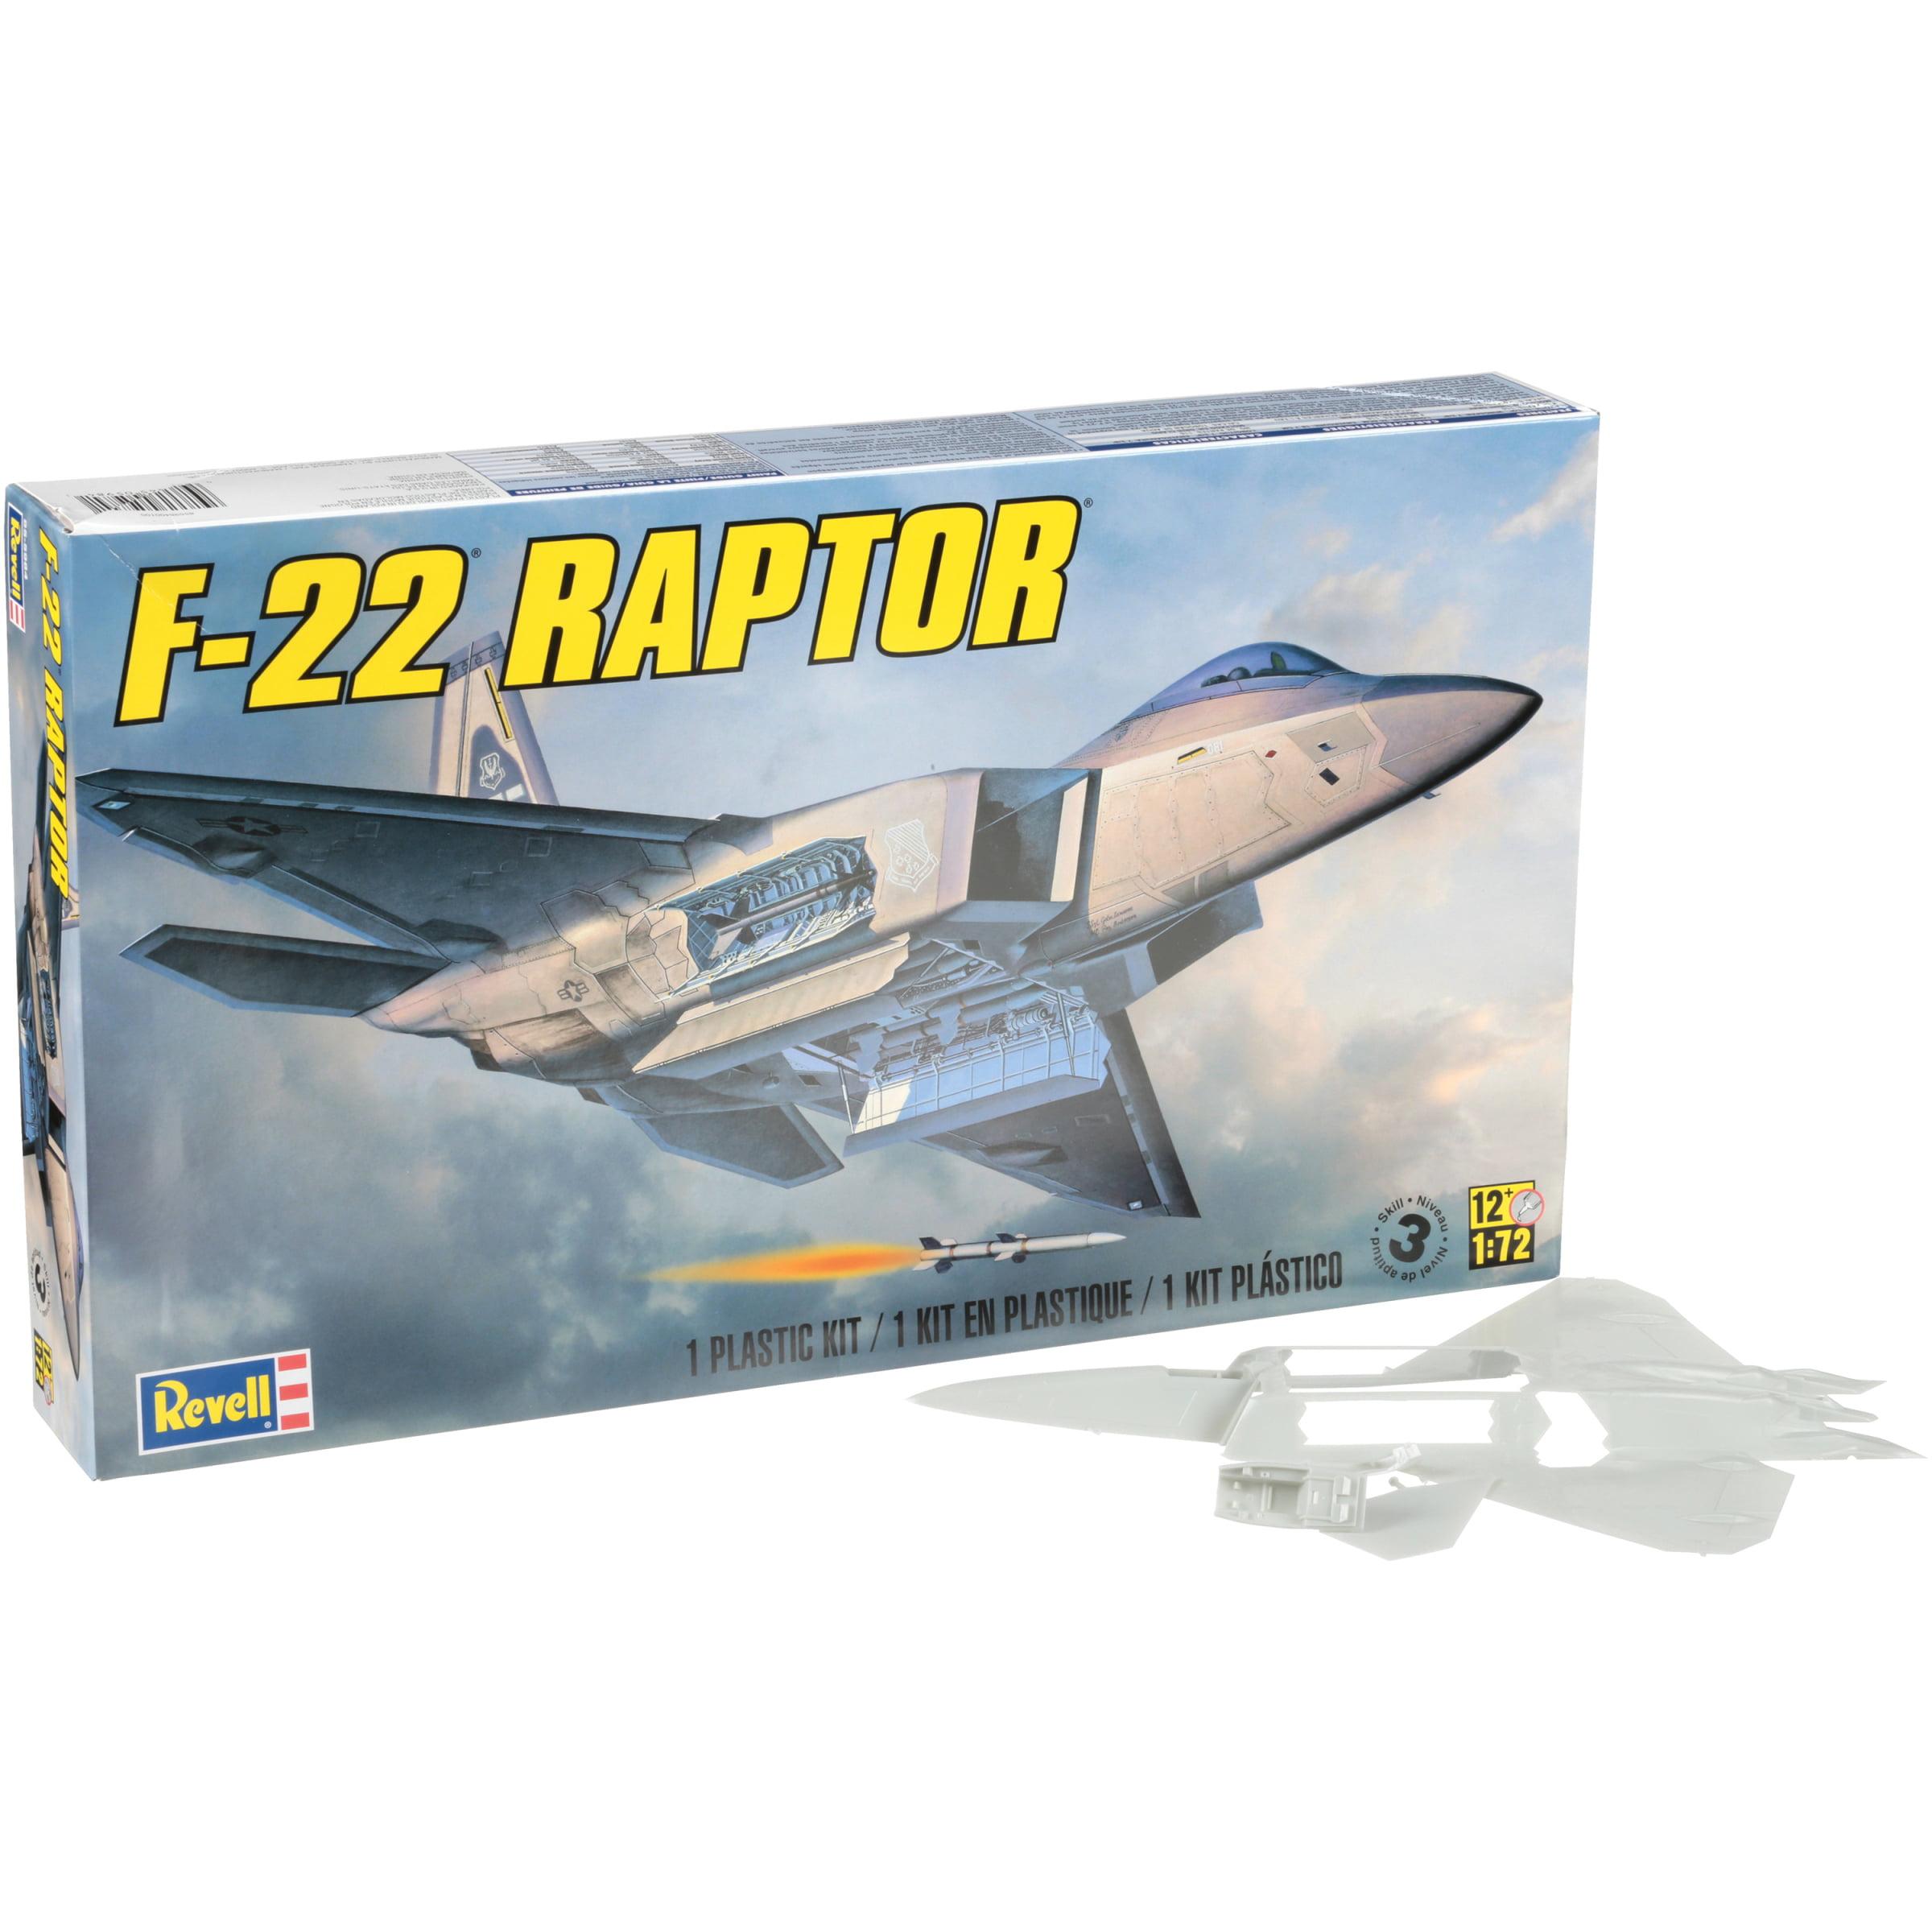 Revell F-22 Raptor Plastic Model Plane Kit 116 pc Box by Revell Inc.